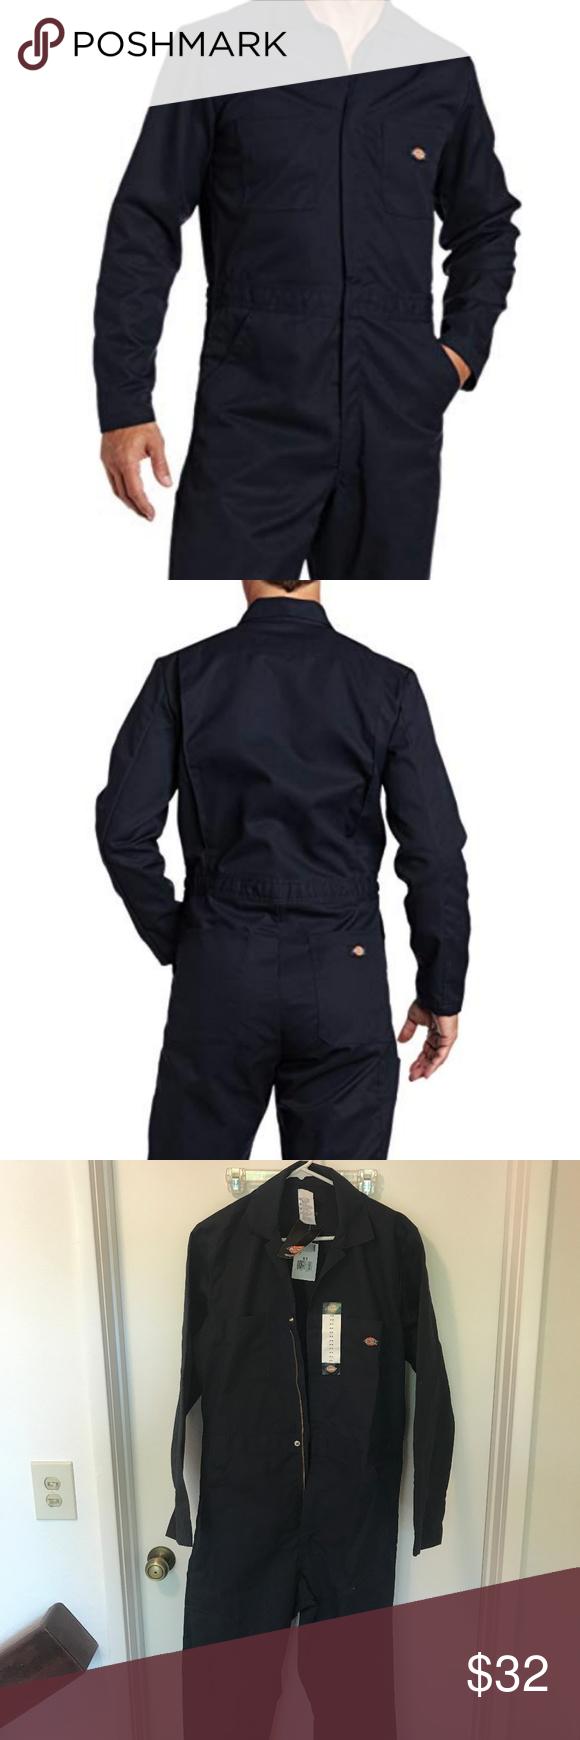 b151cfa14ea89 Dickies Men's Basic Blended Coverall, Dark Navy, M NWT Dickies Men's Basic  Blended Coverall